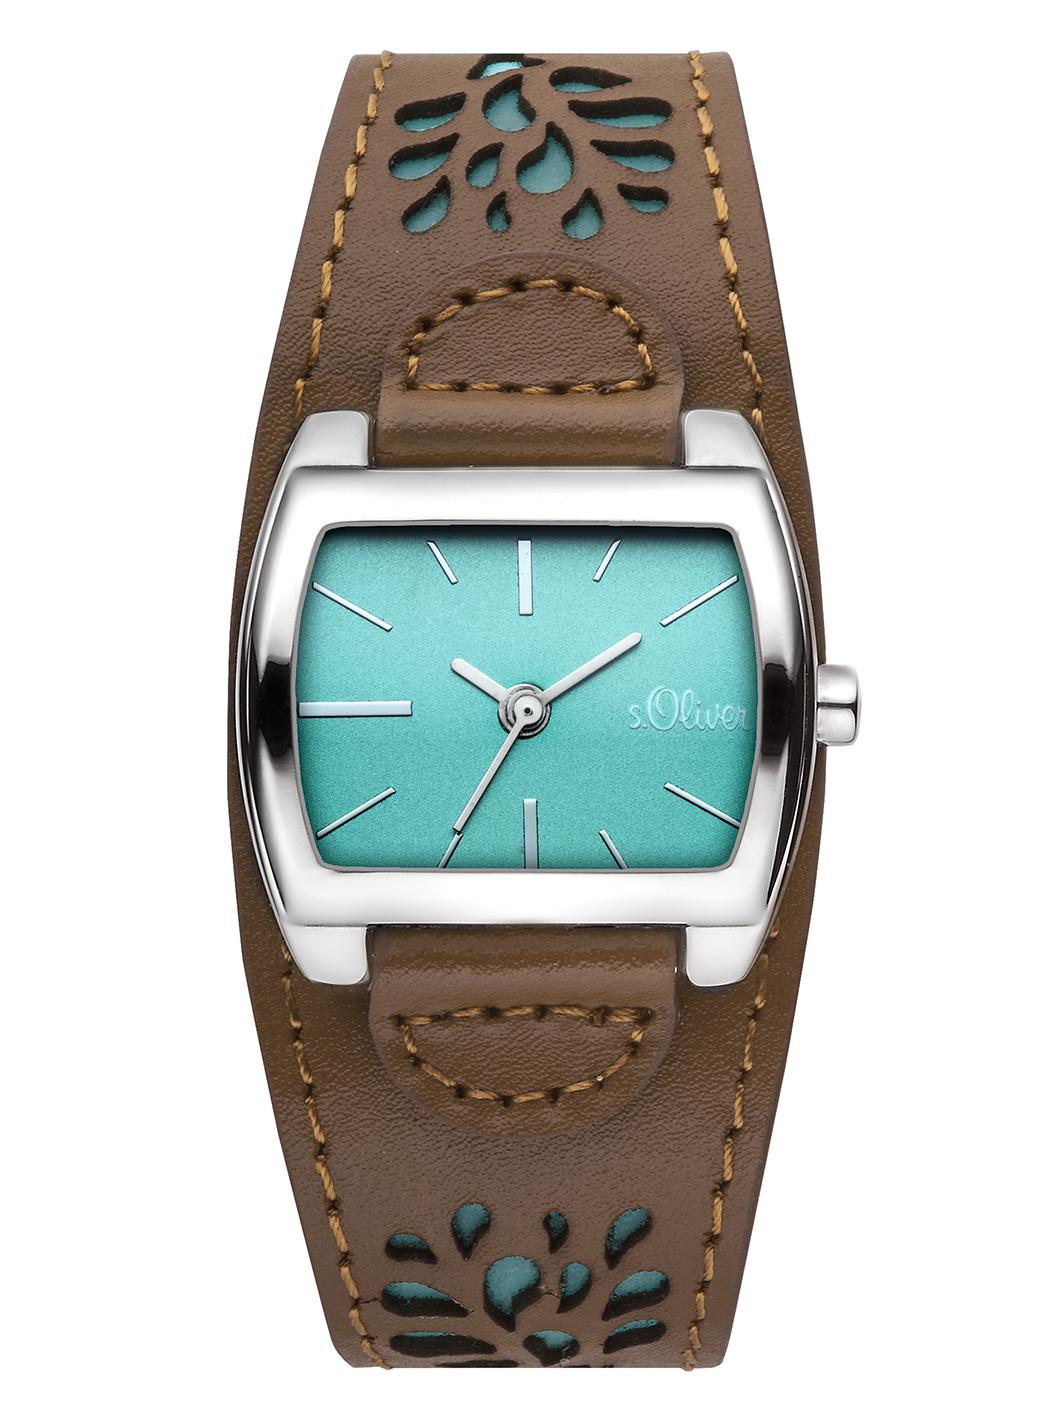 s.Oliver Damenuhr Uhr Leder Braun Türkis Modern Armbanduhr ...